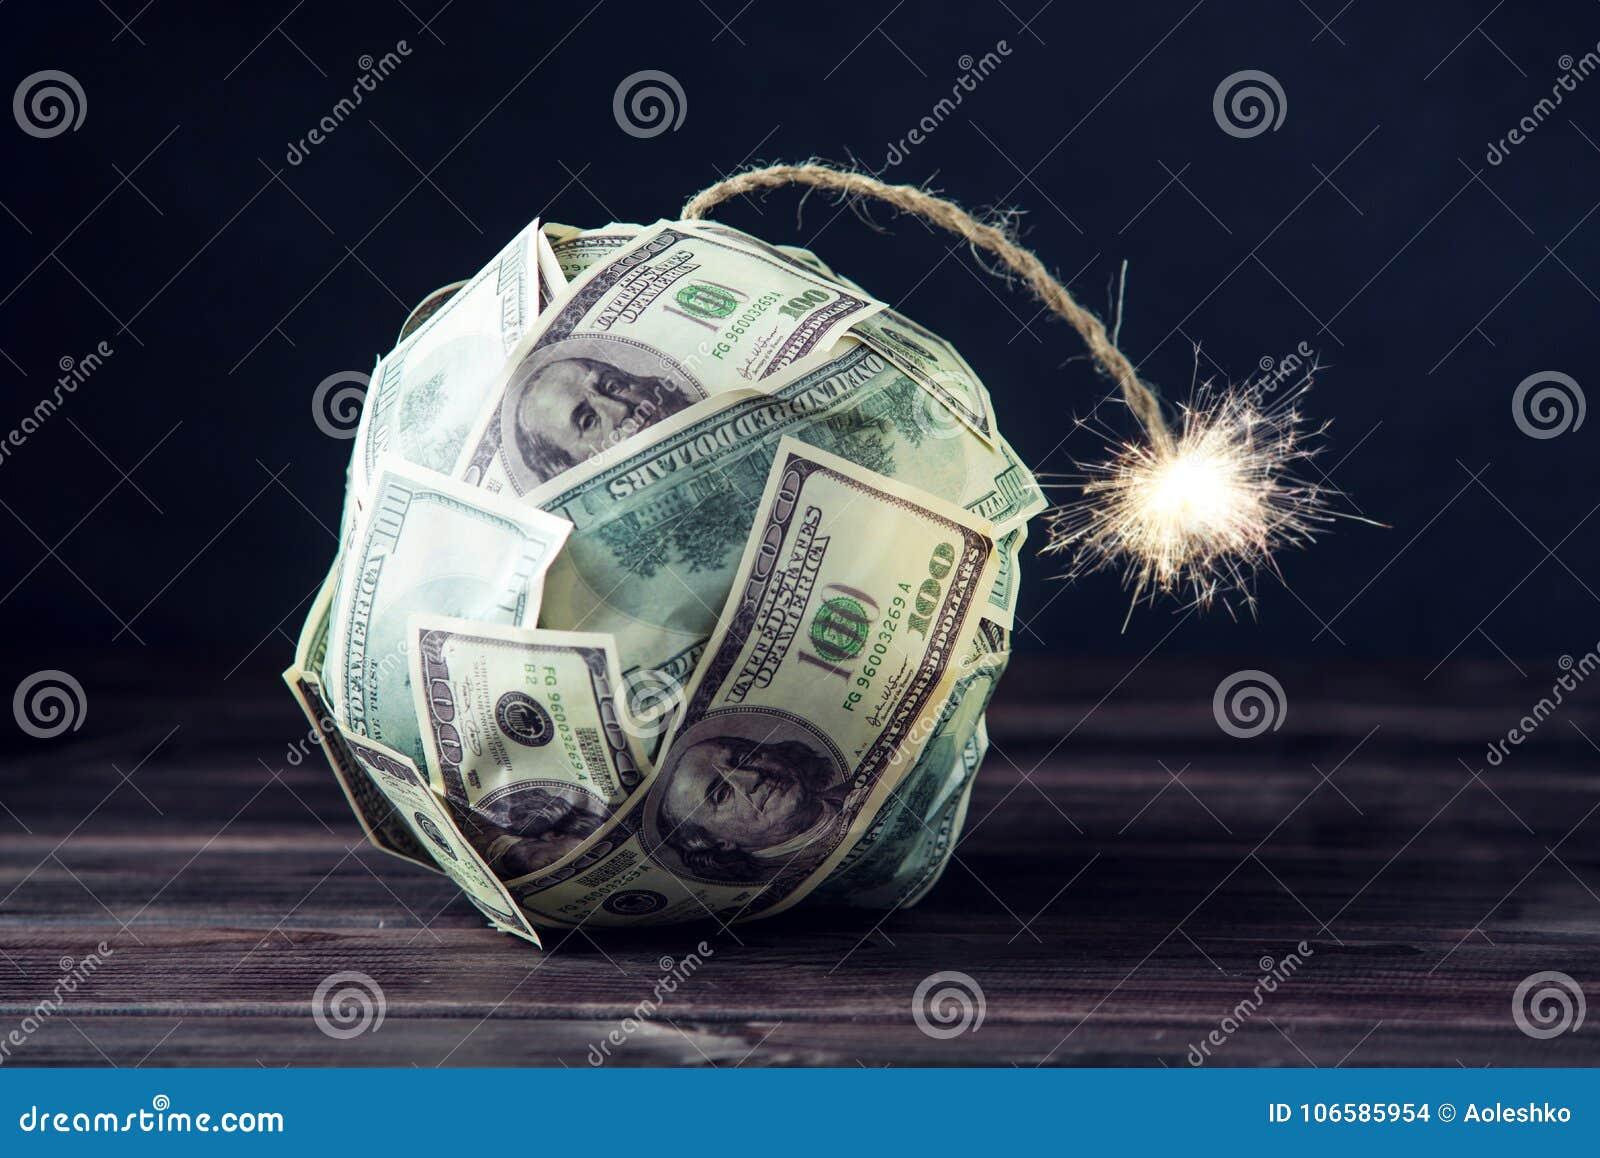 Bomba de los billetes de dólar del dinero ciento con una mecha ardiente Poca hora antes de la explosión Concepto de crisi financi